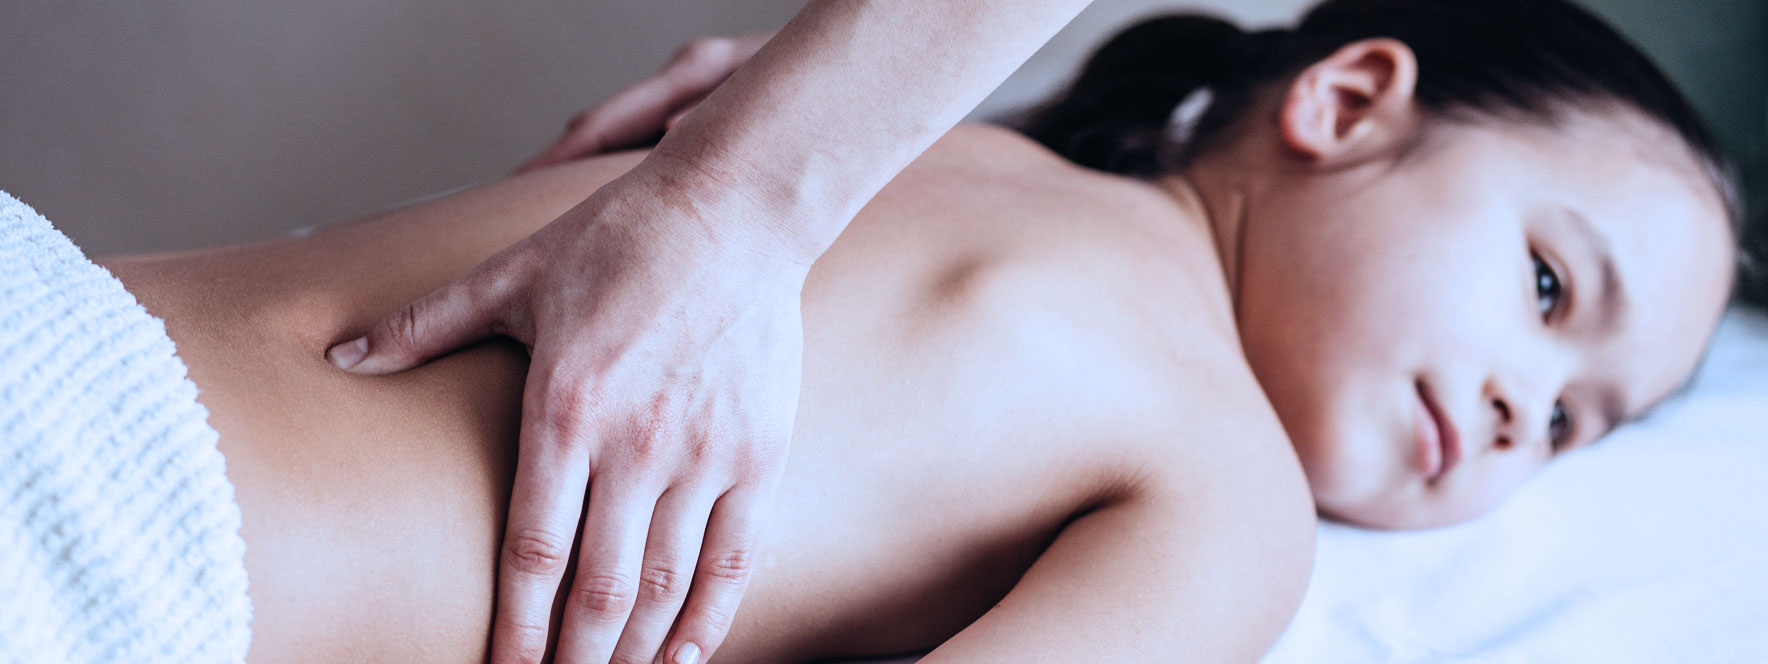 Les bienfaits du massage chez l'enfant - Blogue du Réseau